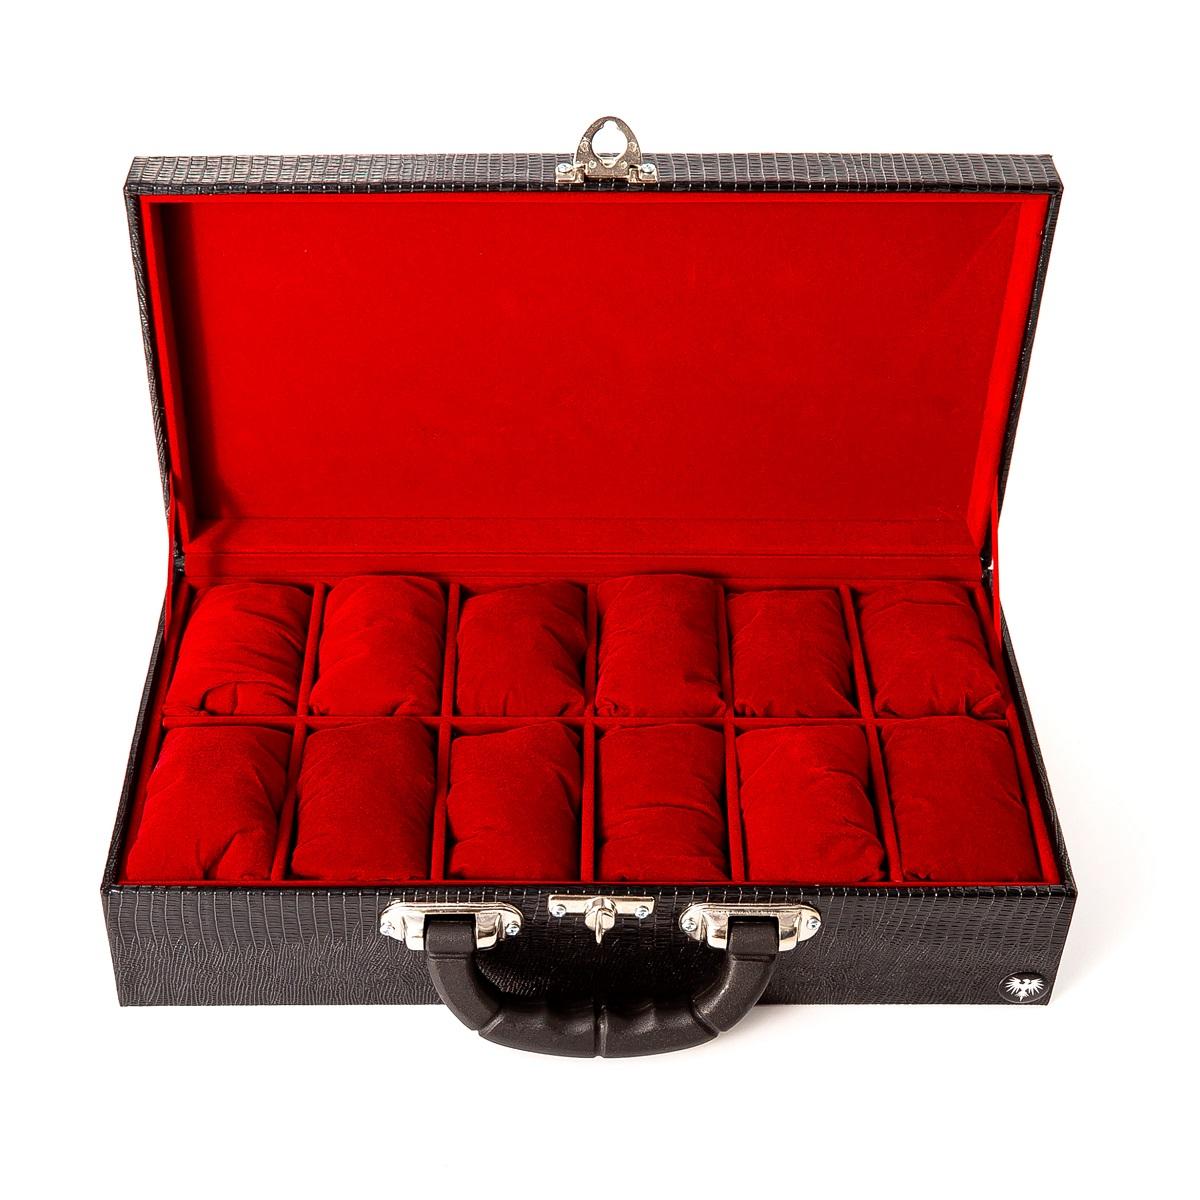 maleta-porta-relogio-12-nichos-couro-ecologico-preto-vermelho-imagem-2.jpg